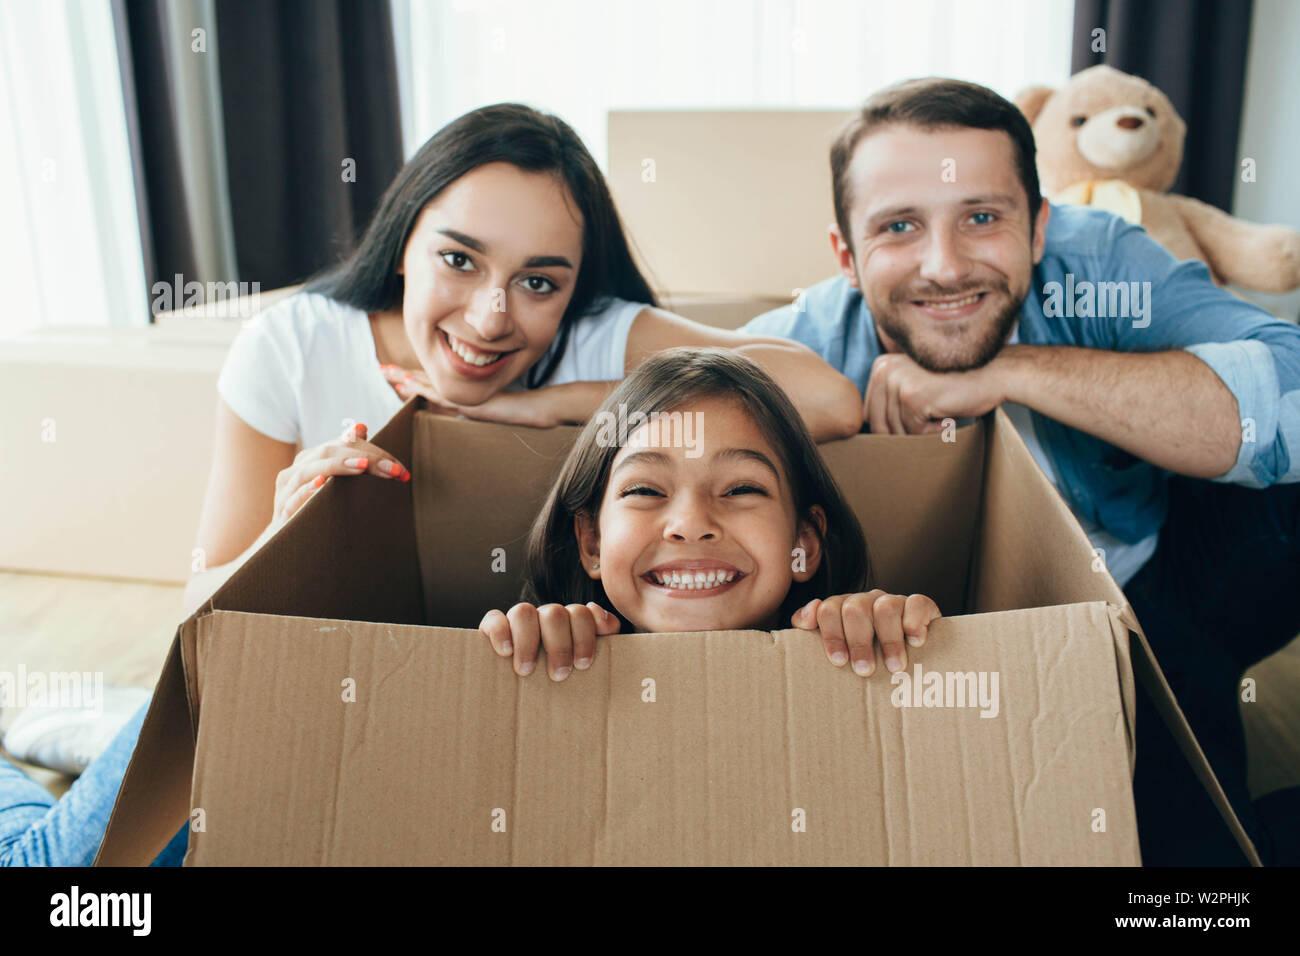 Cute Little Girl sentados en cajas de cartón , jugando con su padre mientras se mueve en casa nueva Foto de stock